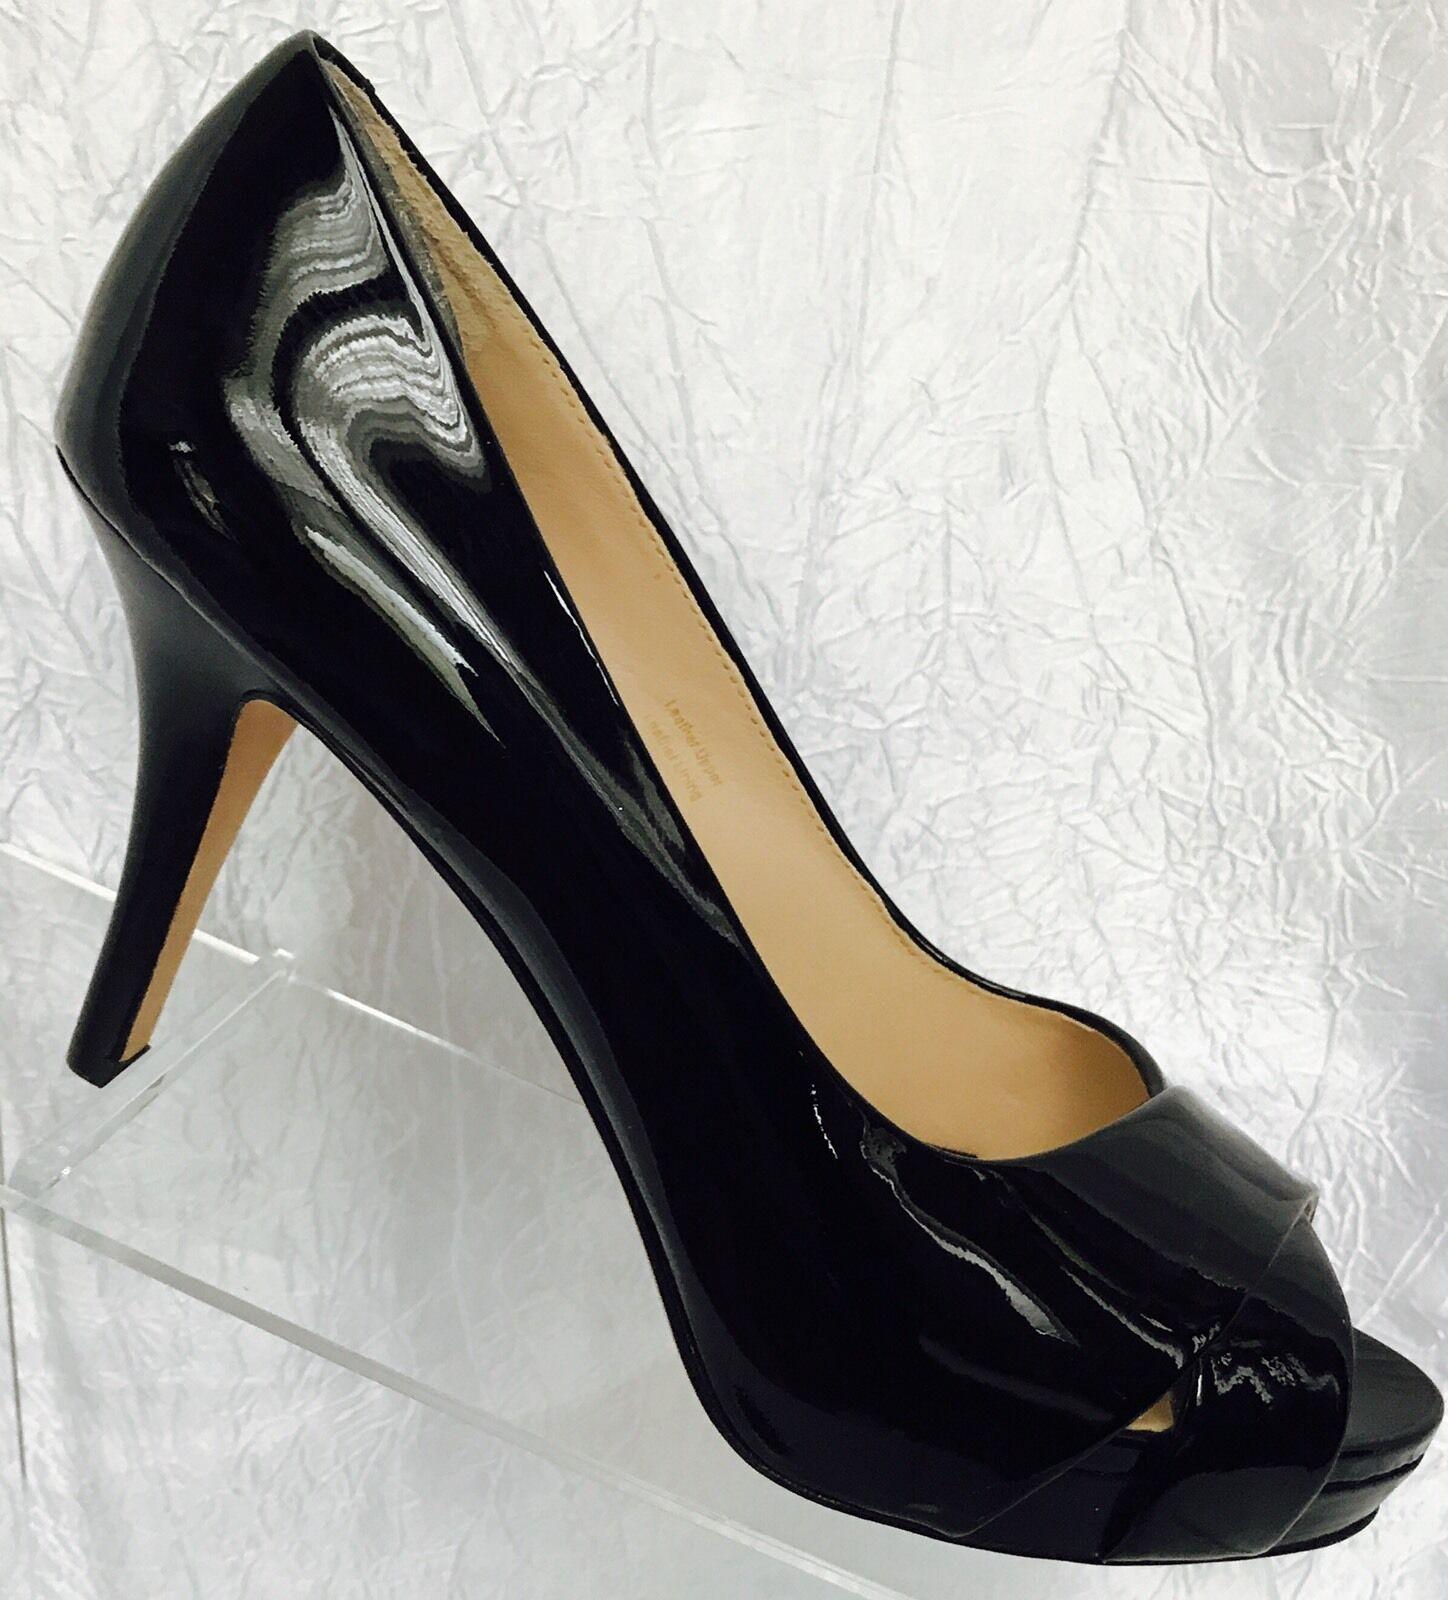 Via Spiga Zapatos De Salón Tacón Charol Charol Charol Negro Us 7.5 EU 38.5  198 6822c0